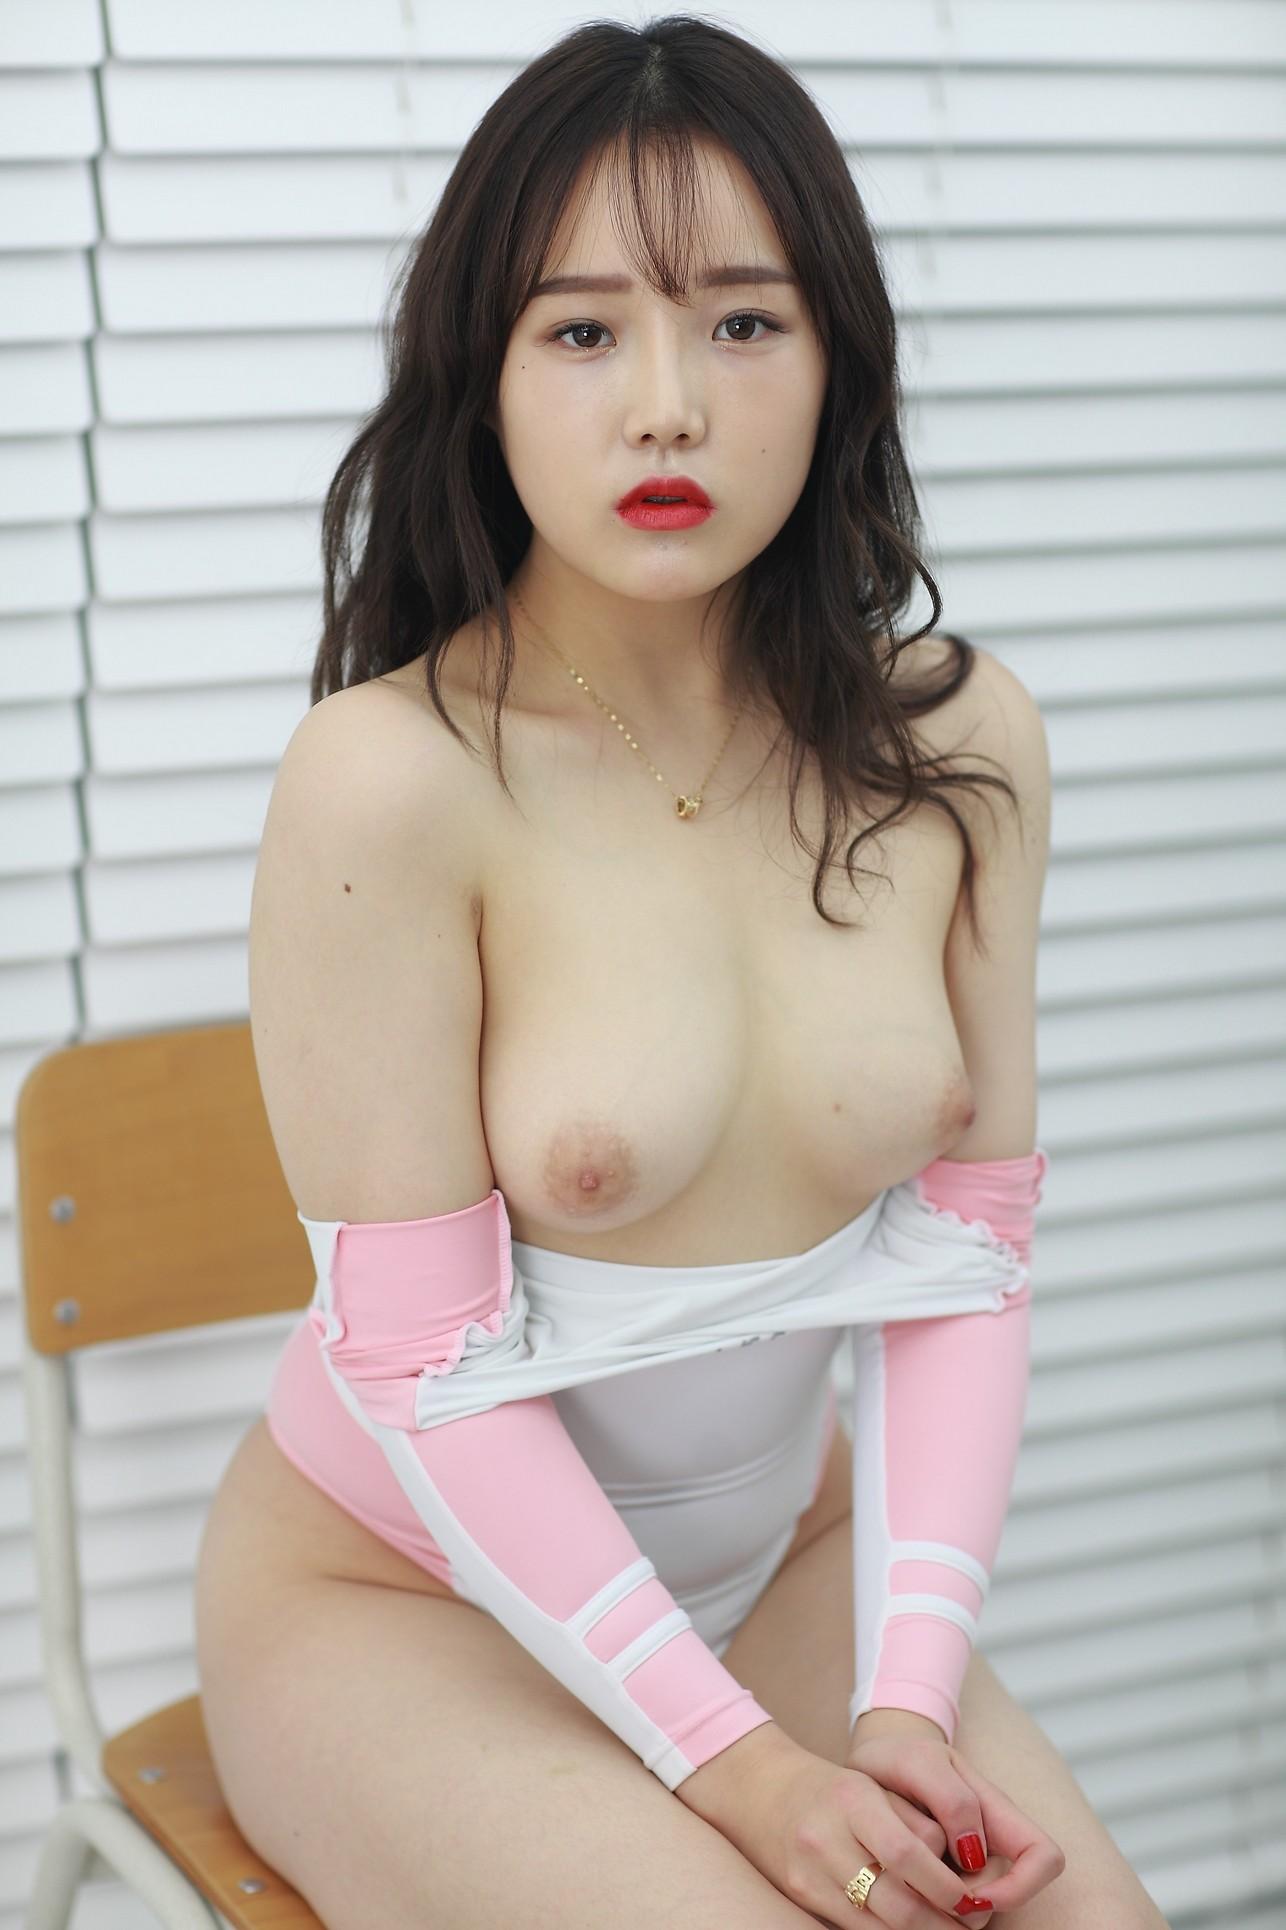 韩国模特大尺度流出 套图]韩国58位极品模特全裸大尺度私拍套图流出– 全色网